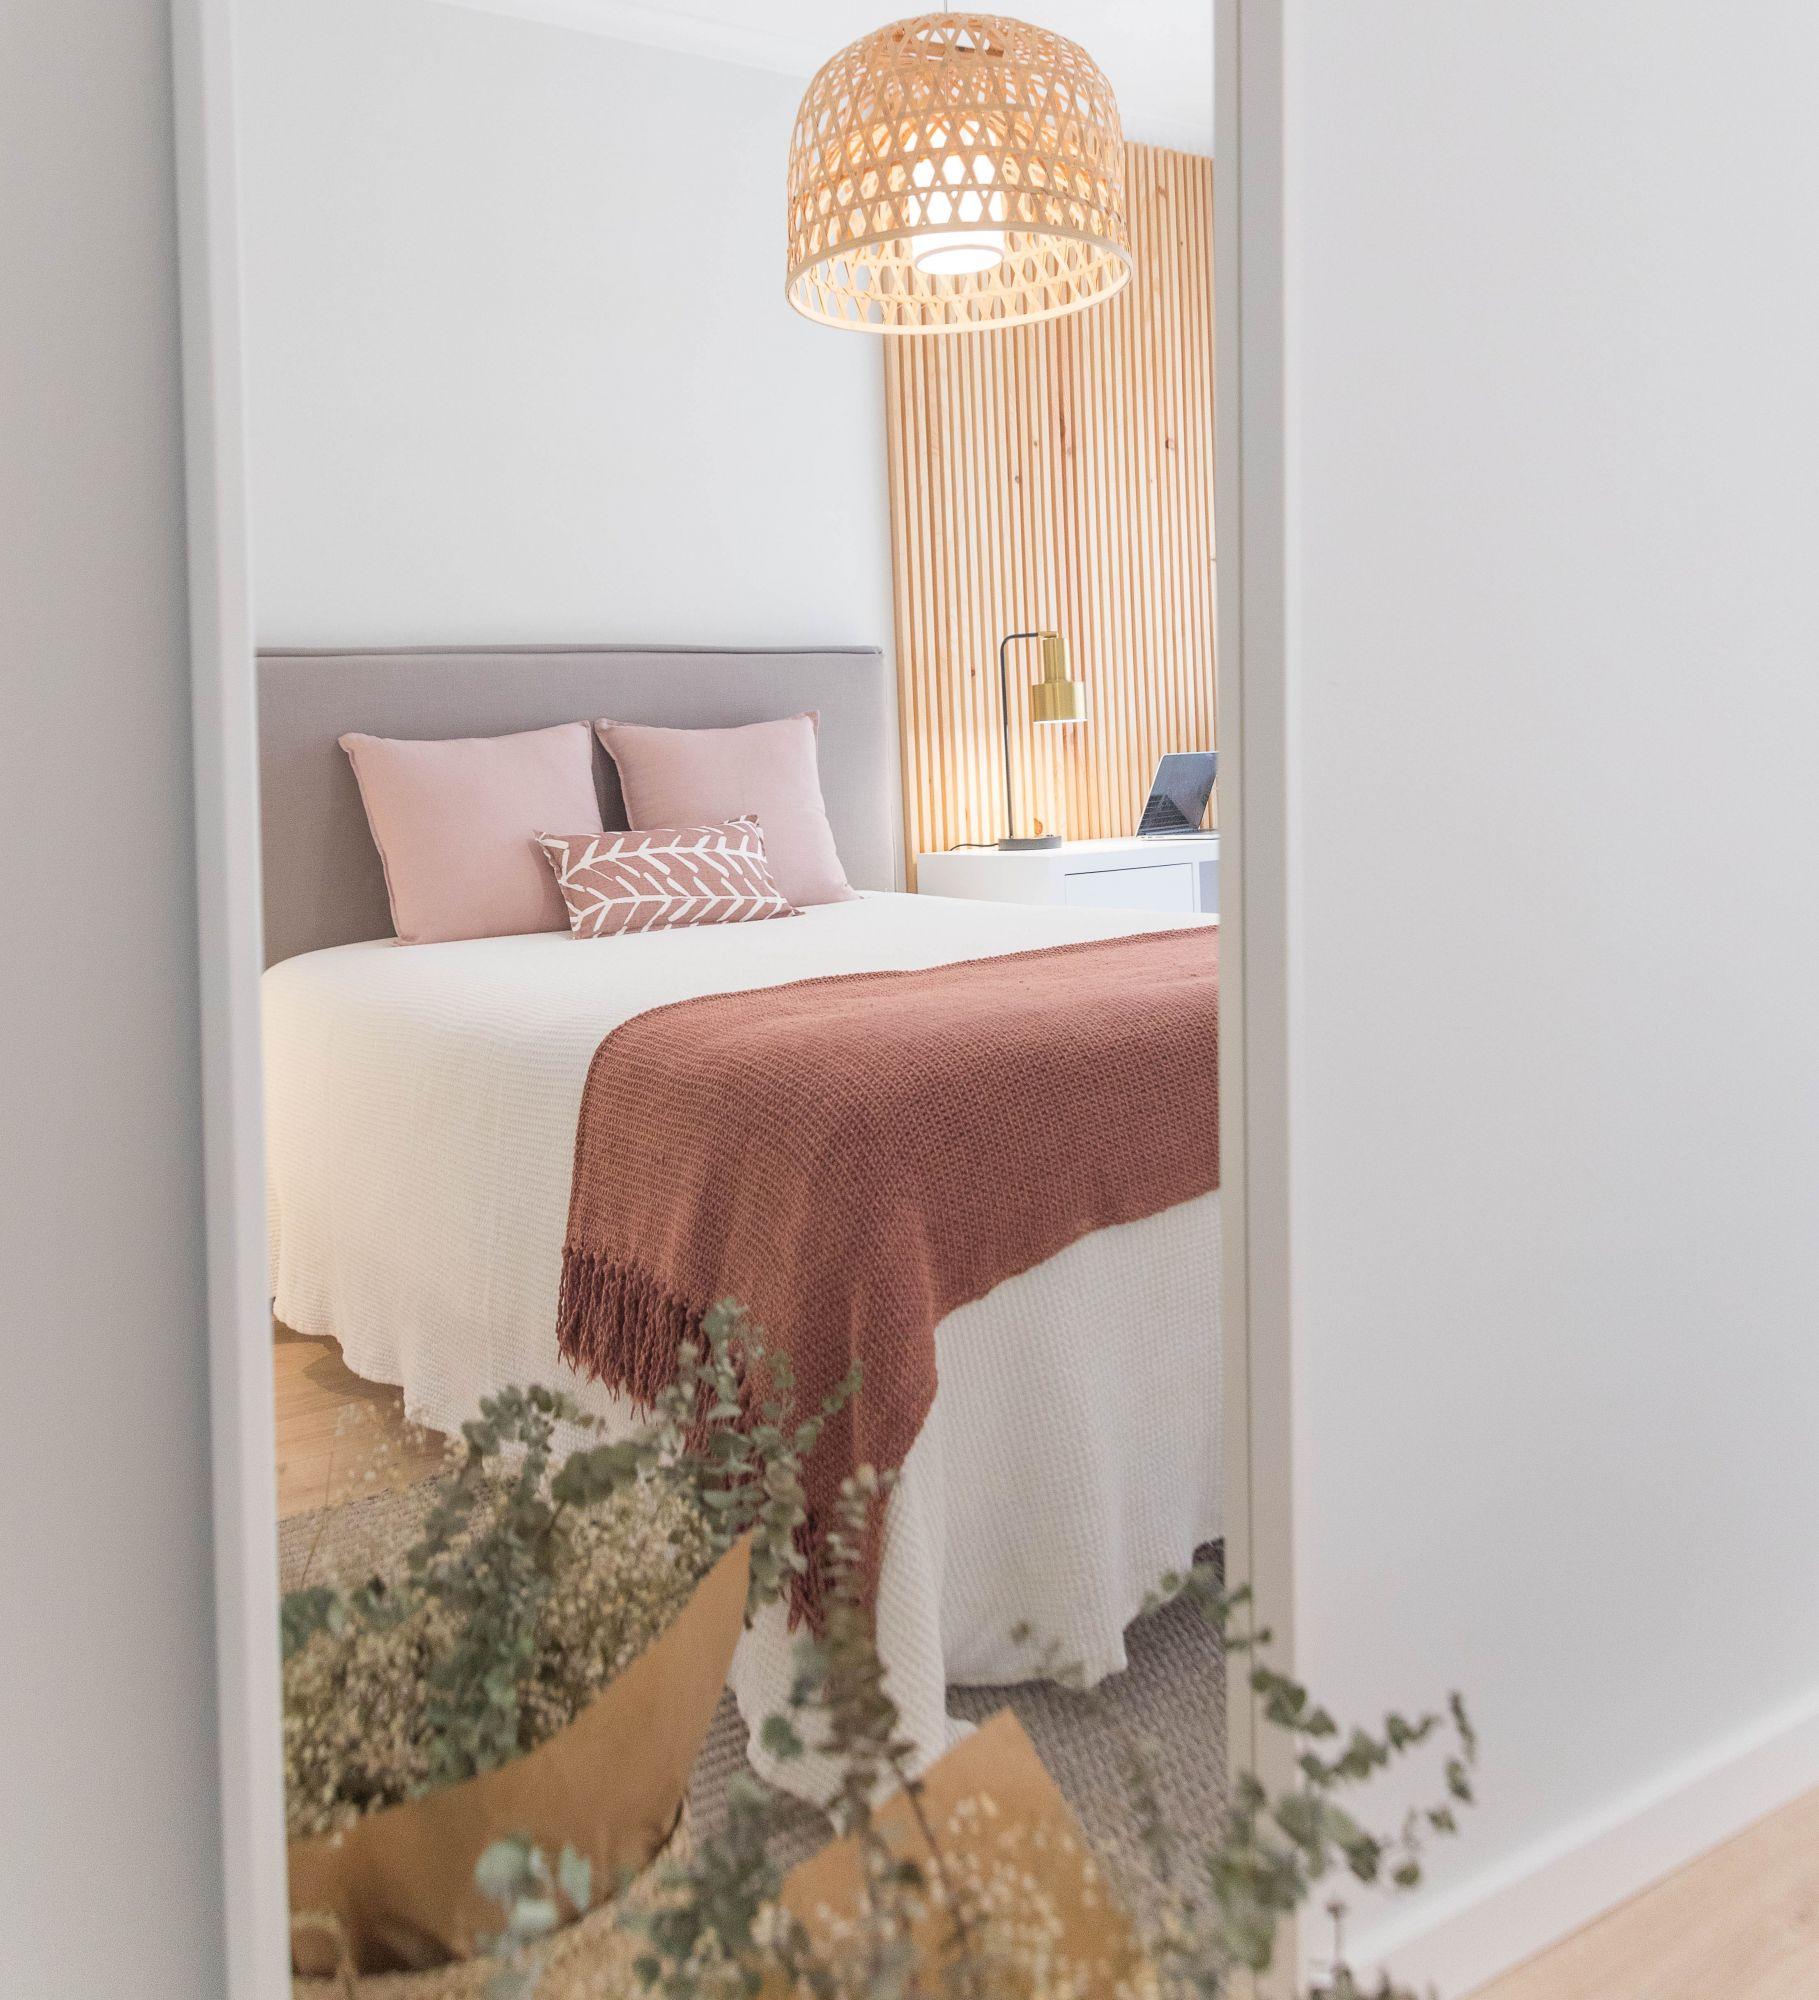 Camera da letto: materasso alto o basso